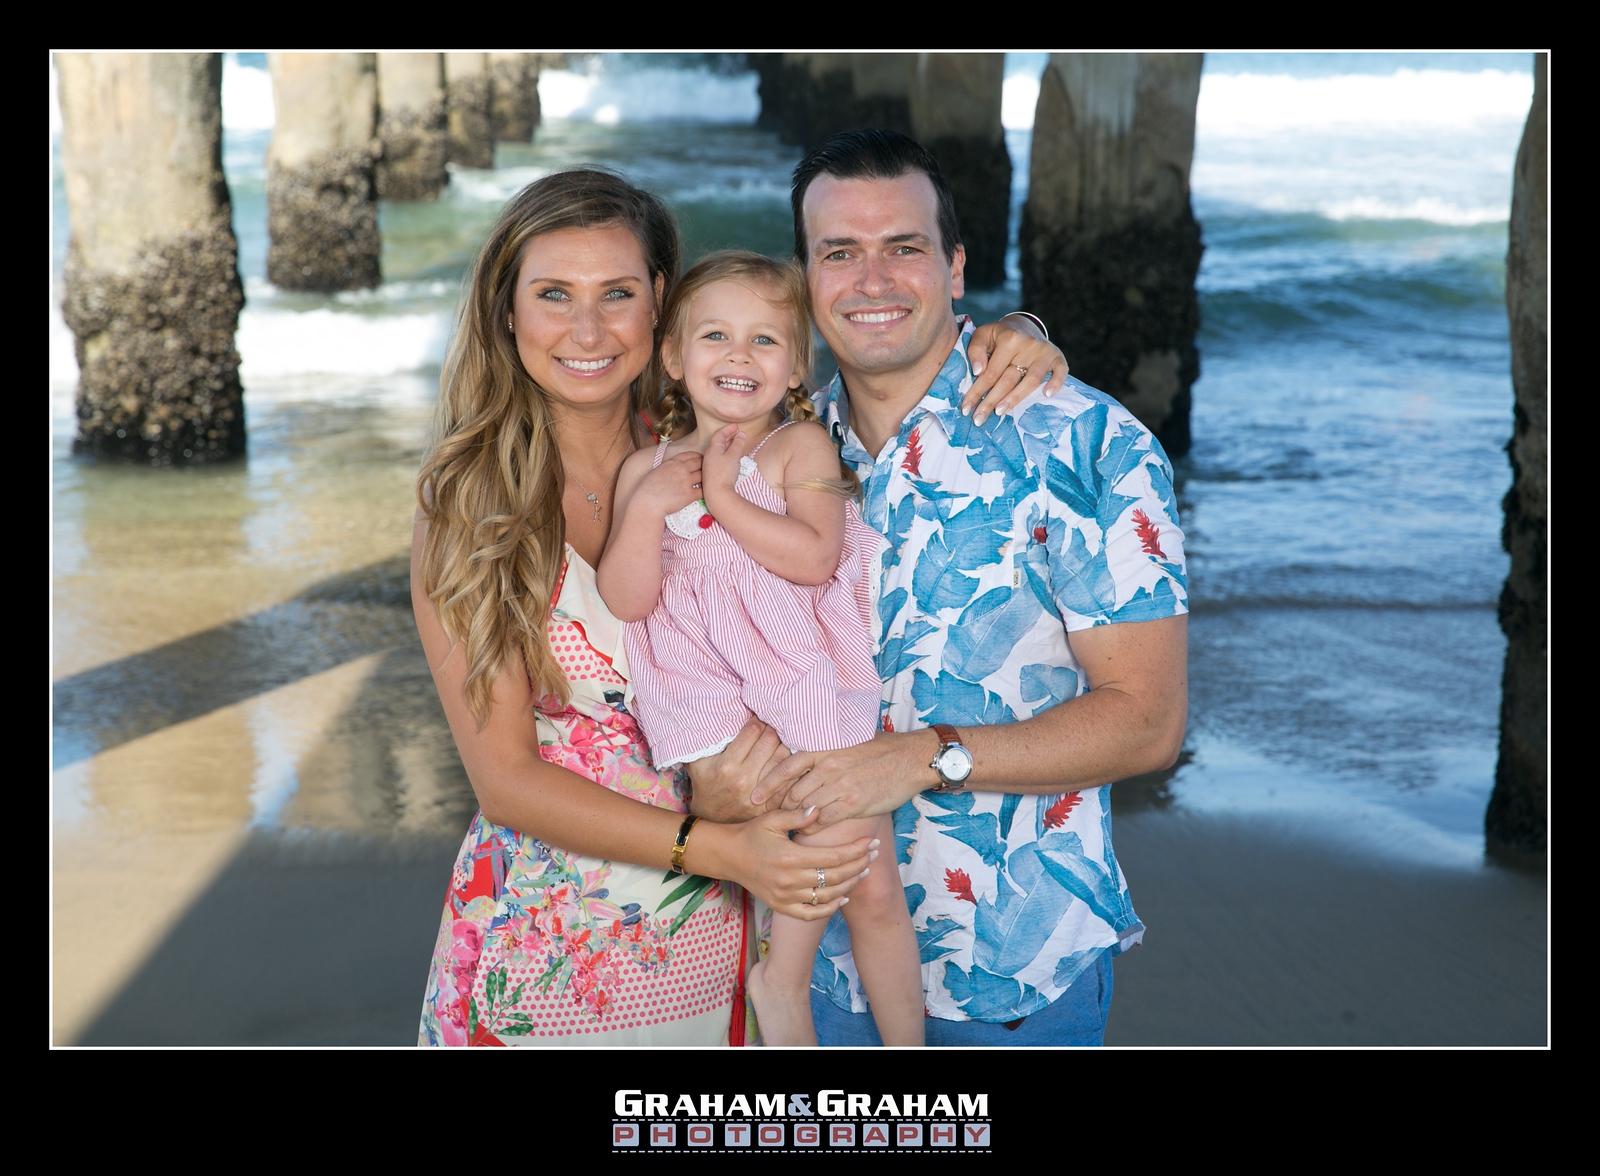 Manhattan Beach family photographer, Graham and Graham 310-594-8074